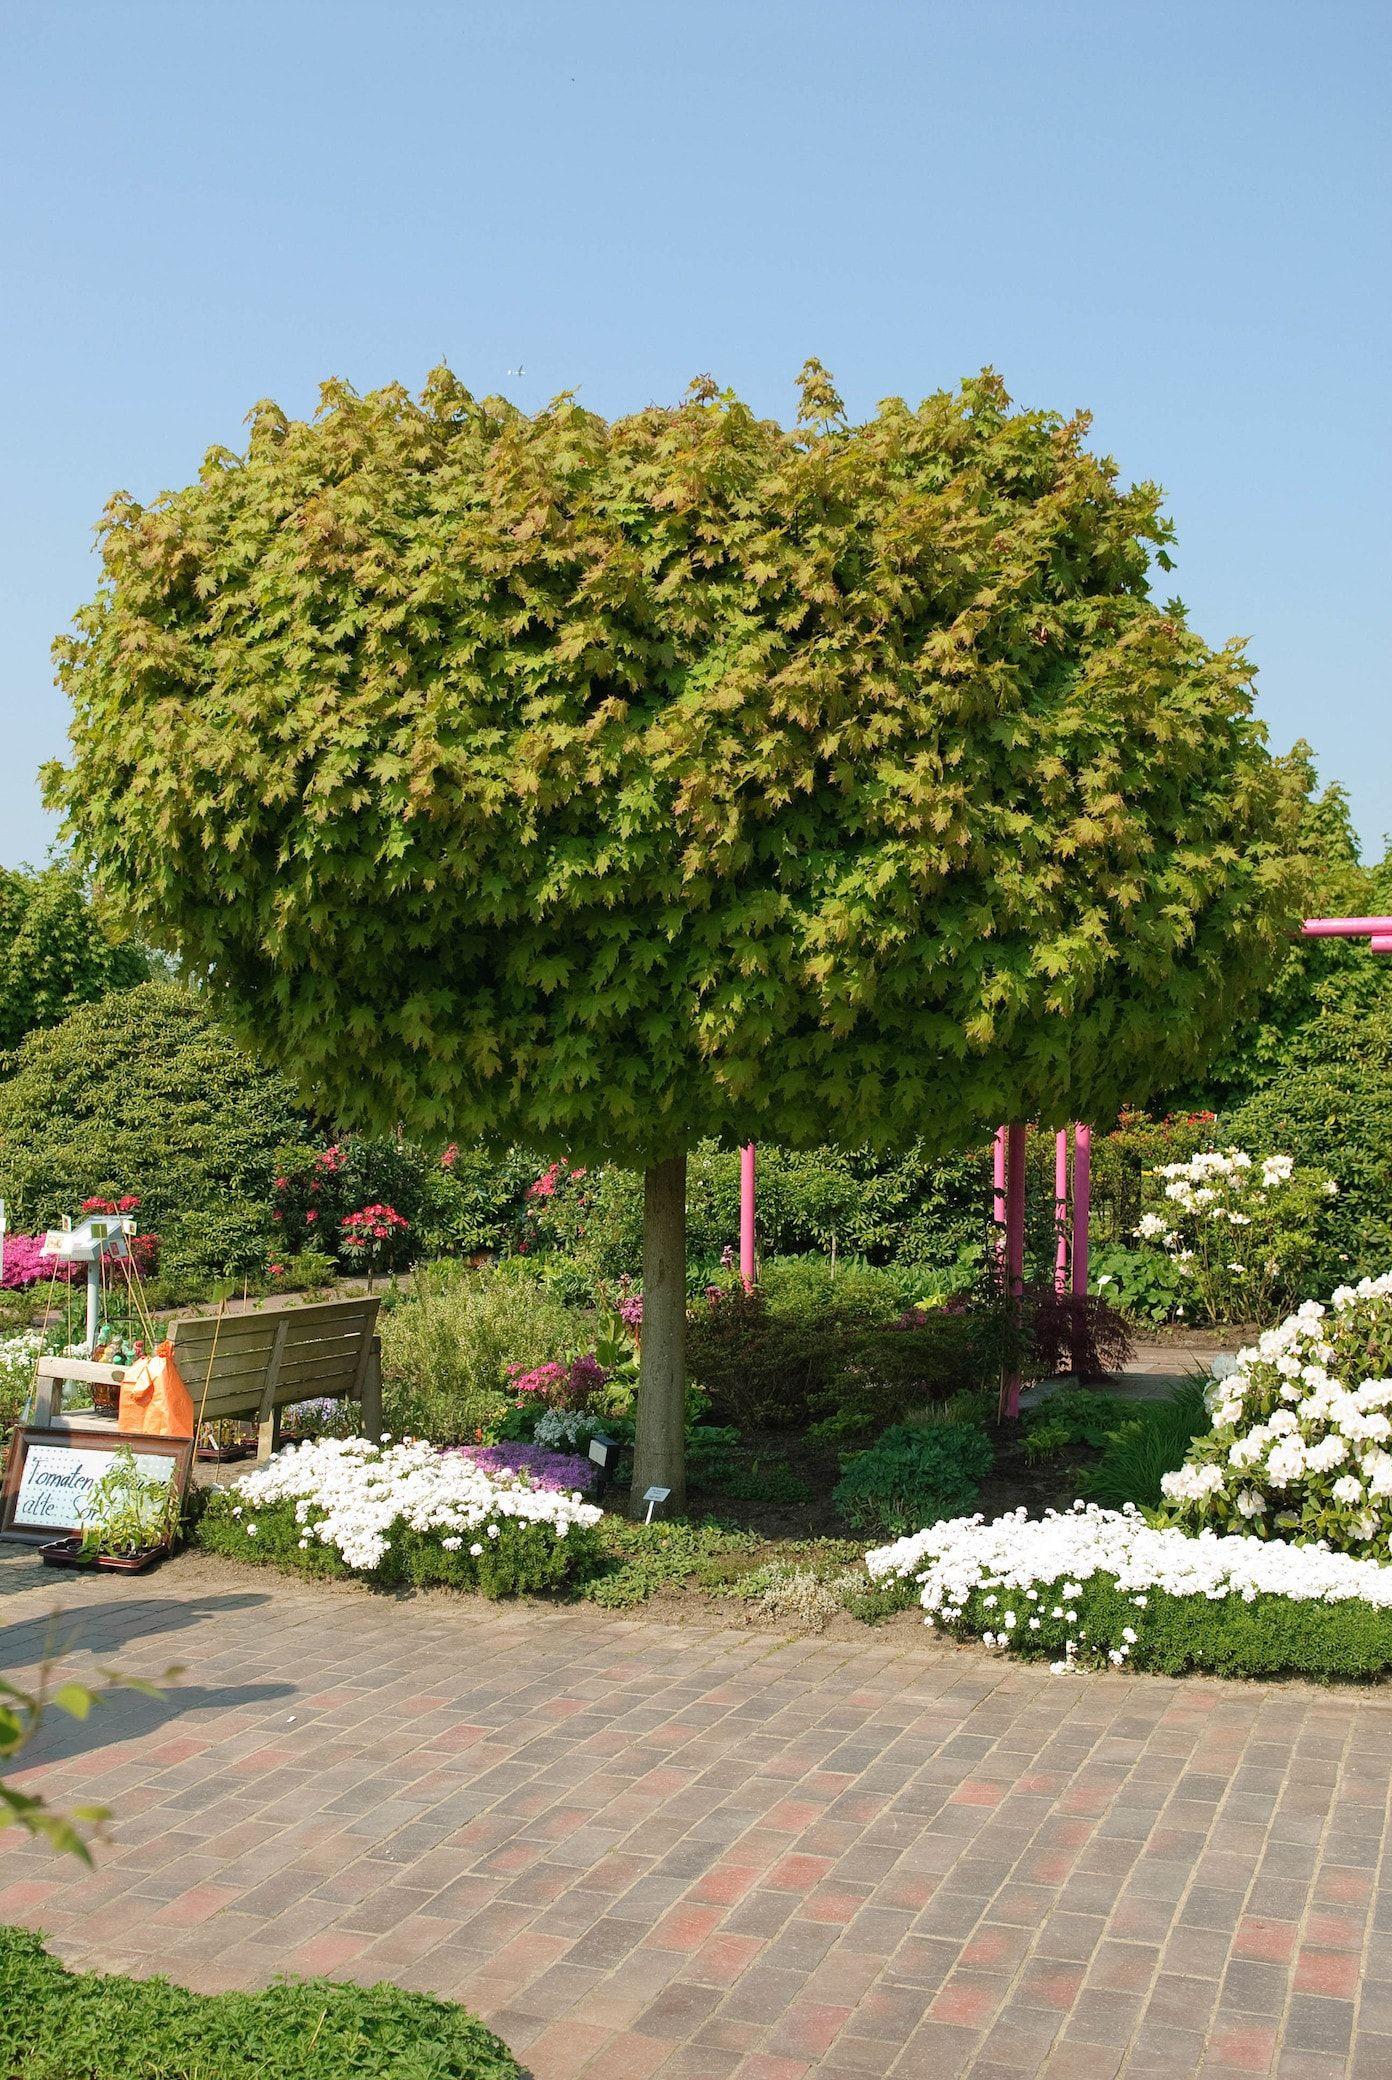 4 Schattenspendende Baumarten Fur Kleine Garten Baume Garten Schattenspendende Pflanzen Gartenbaume